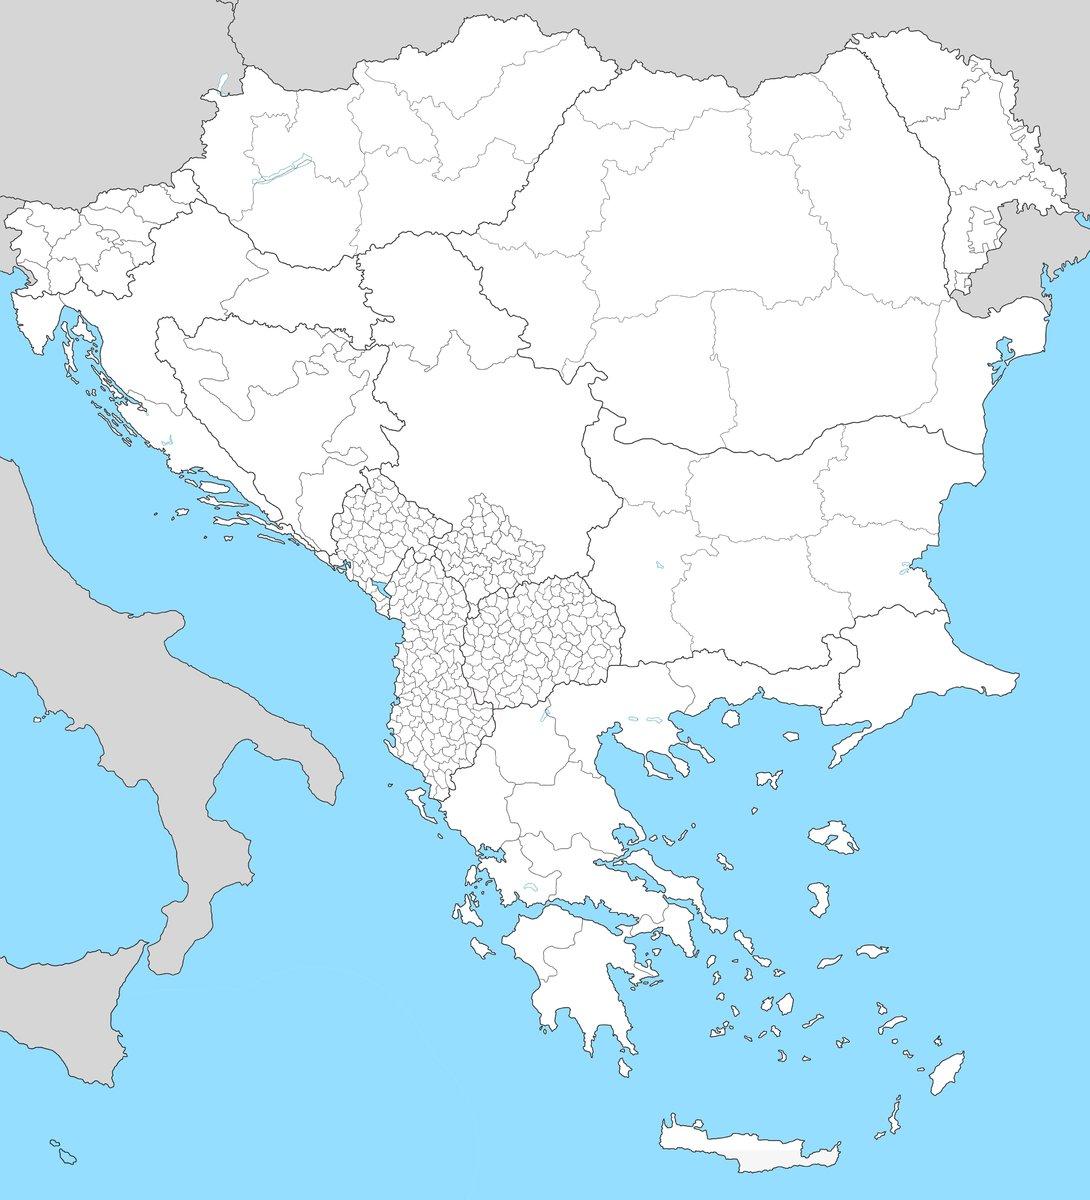 Balkan Big Map (4500+ provinces)